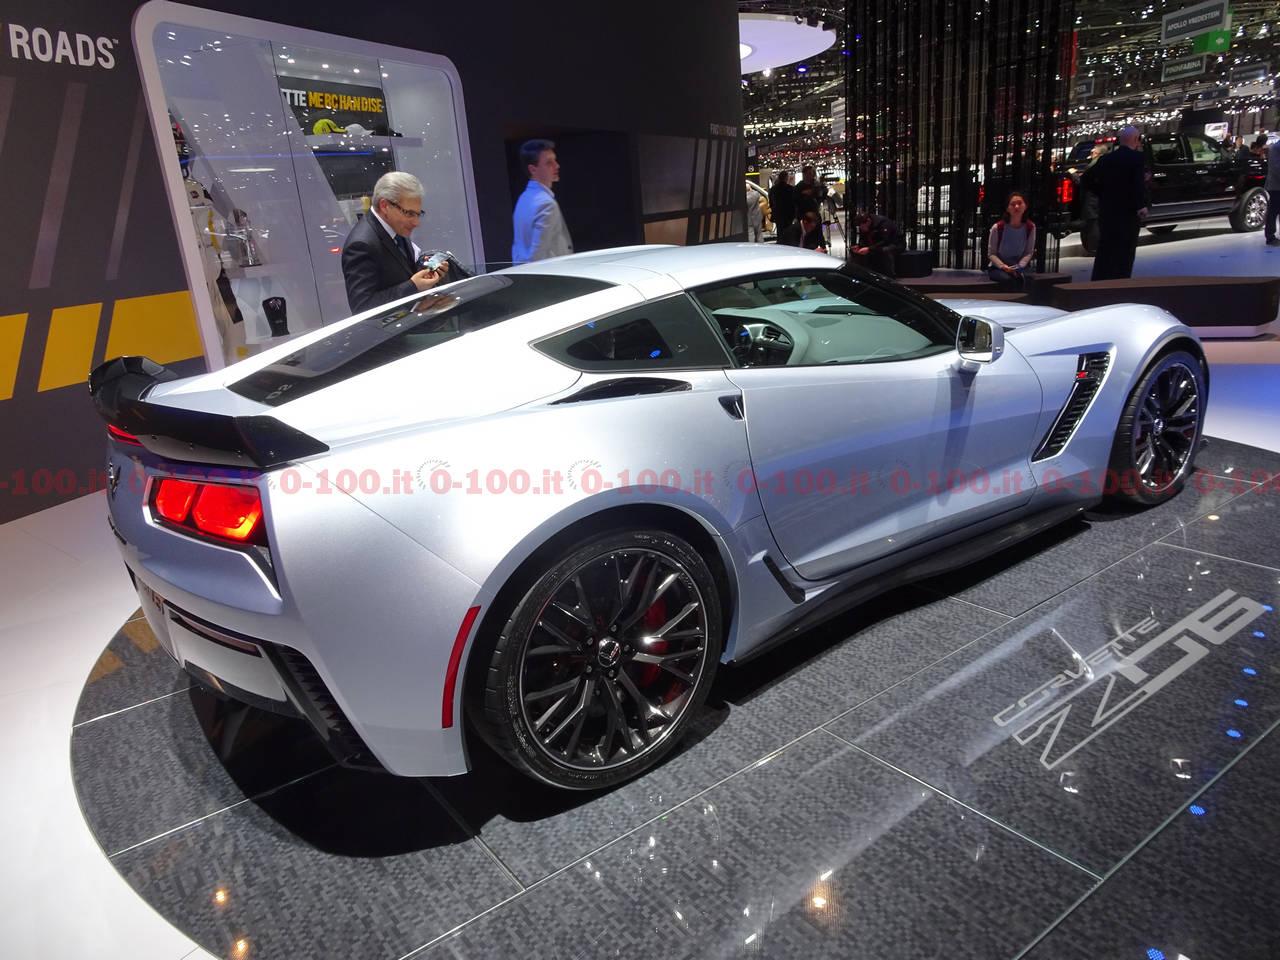 Ginevra-geneva-geneve-2017-Chevrolet-corvette-z06-0-100_10